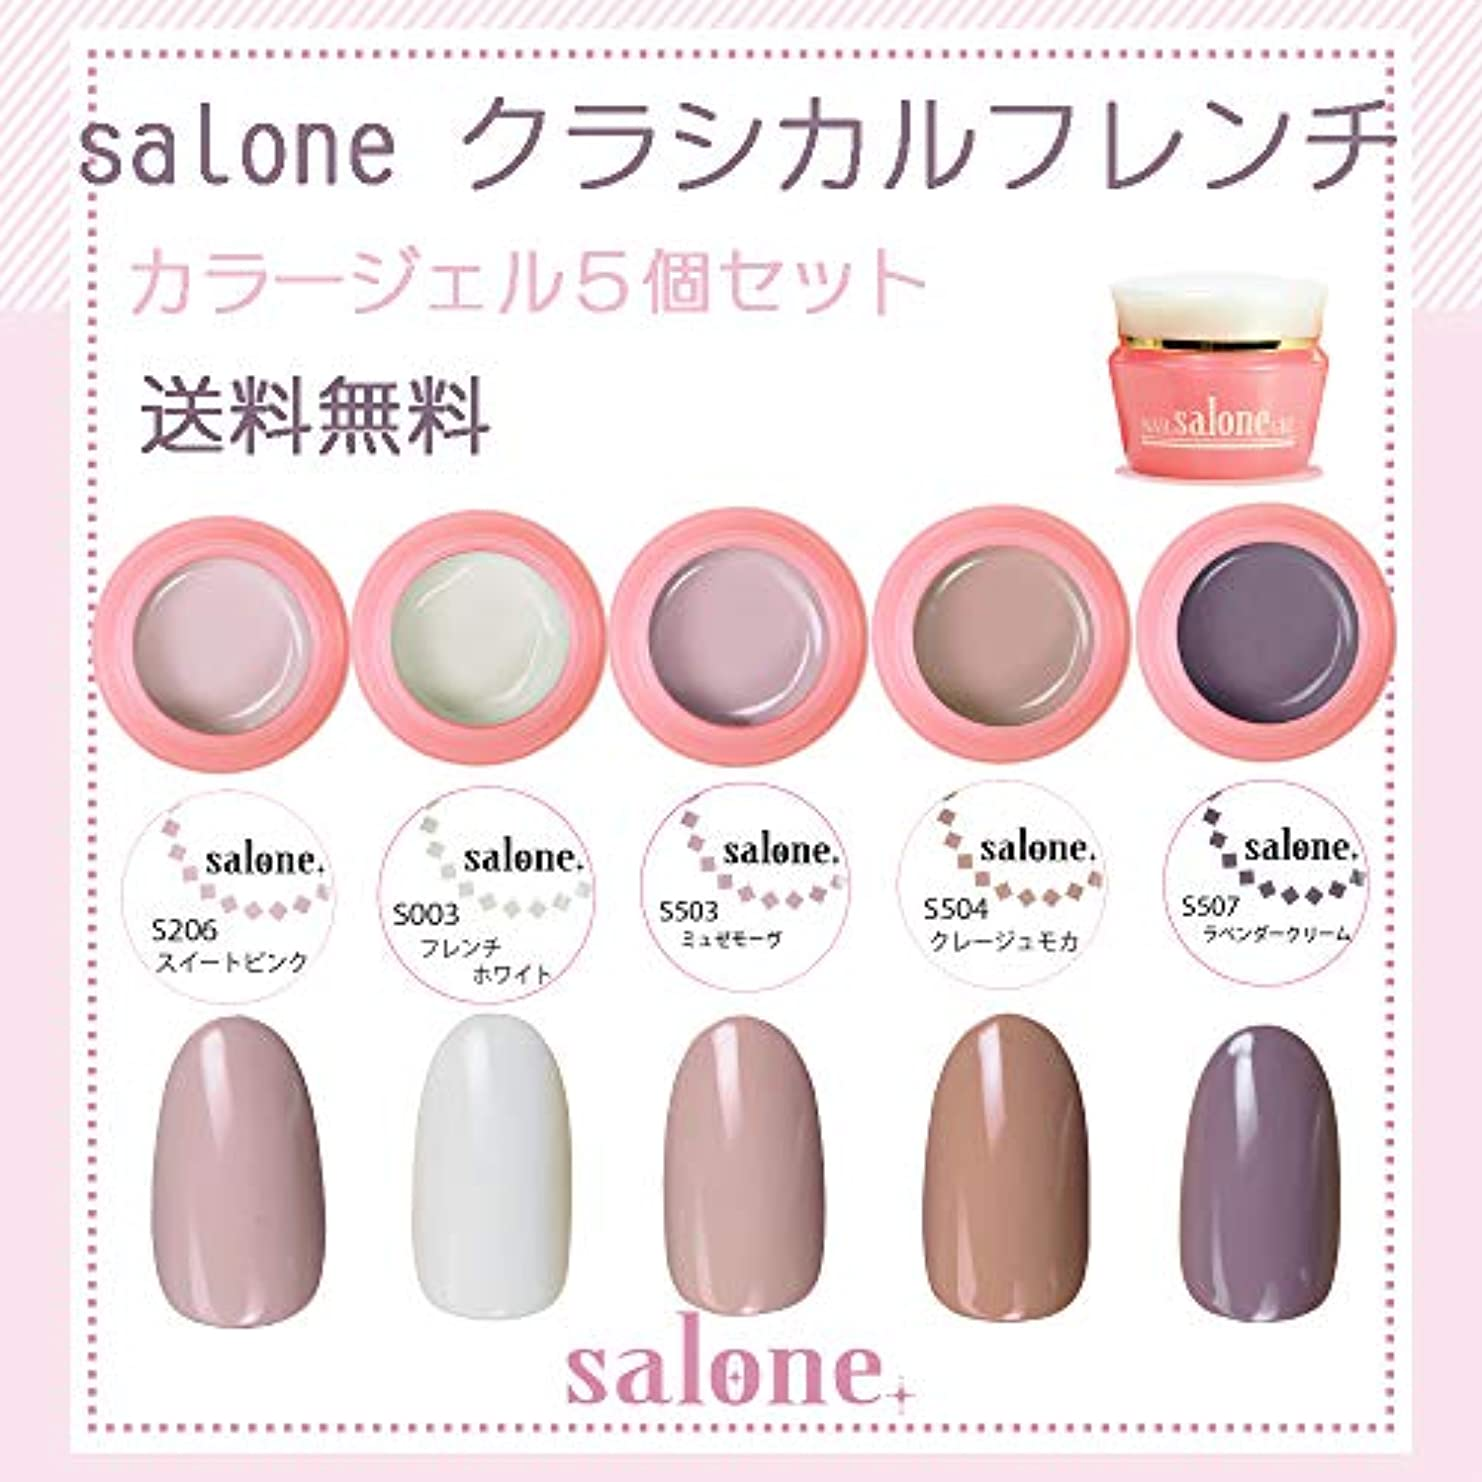 【送料無料 日本製】Salone クラシカルフレンチ カラージェル5個セット 大人っぽくクラッシックで肌なじみの良いカラー